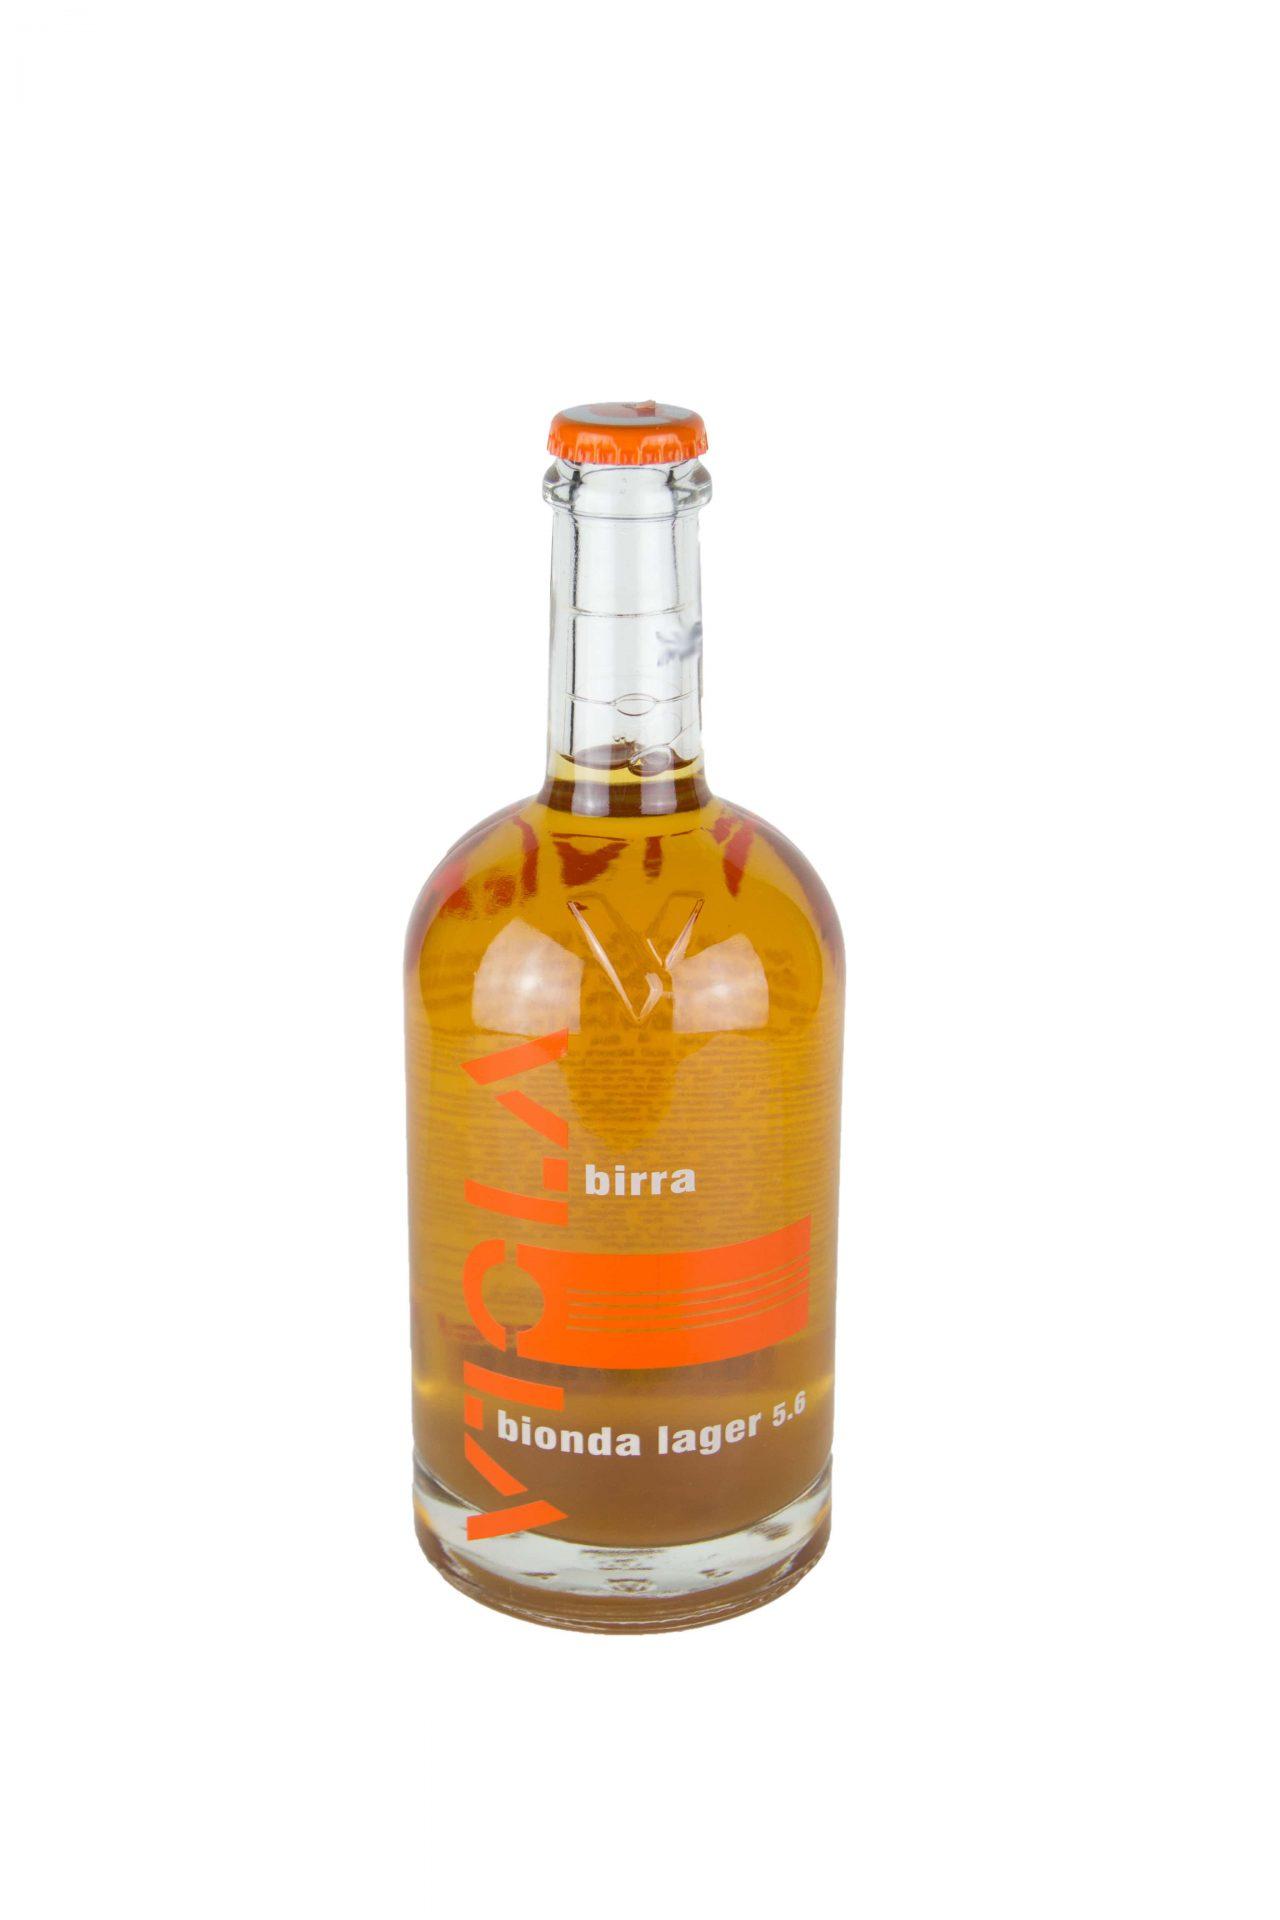 Viola – Bionda Lager